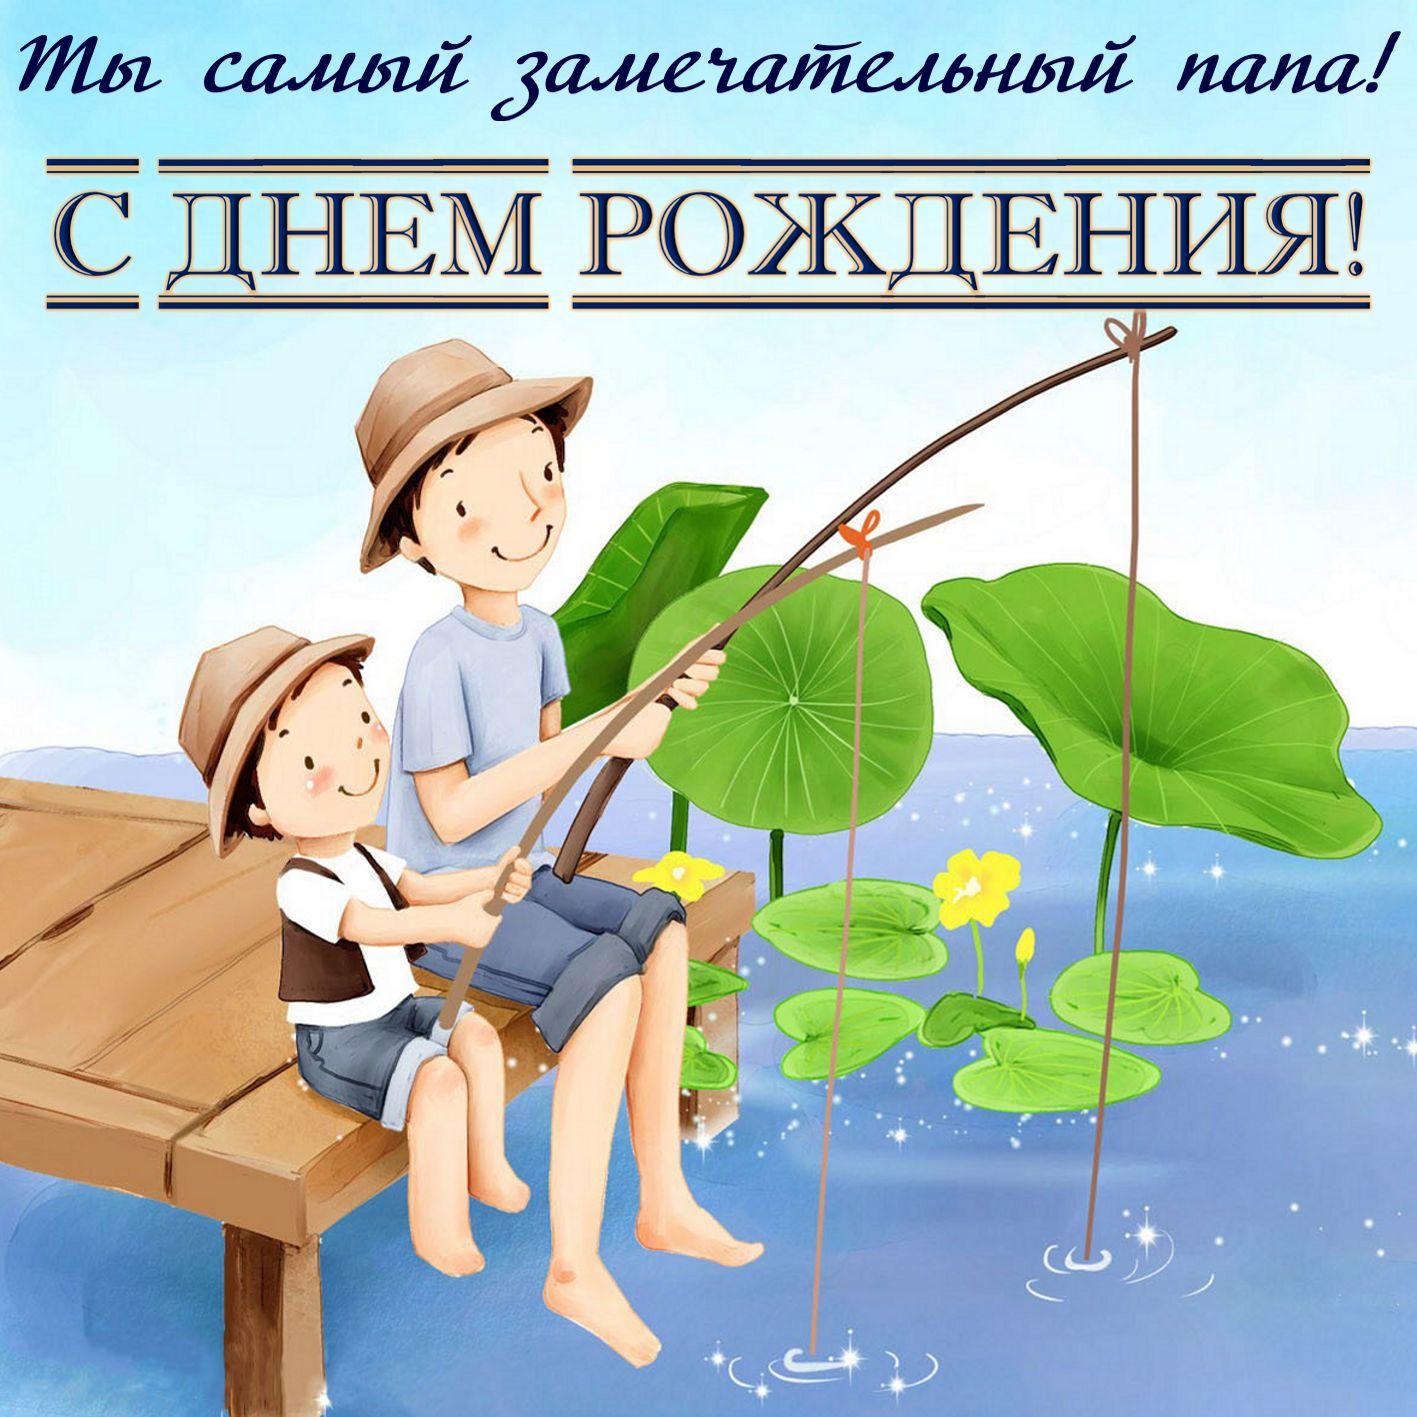 Открытка на День рождения - счастливые папа с сыном на рыбалке